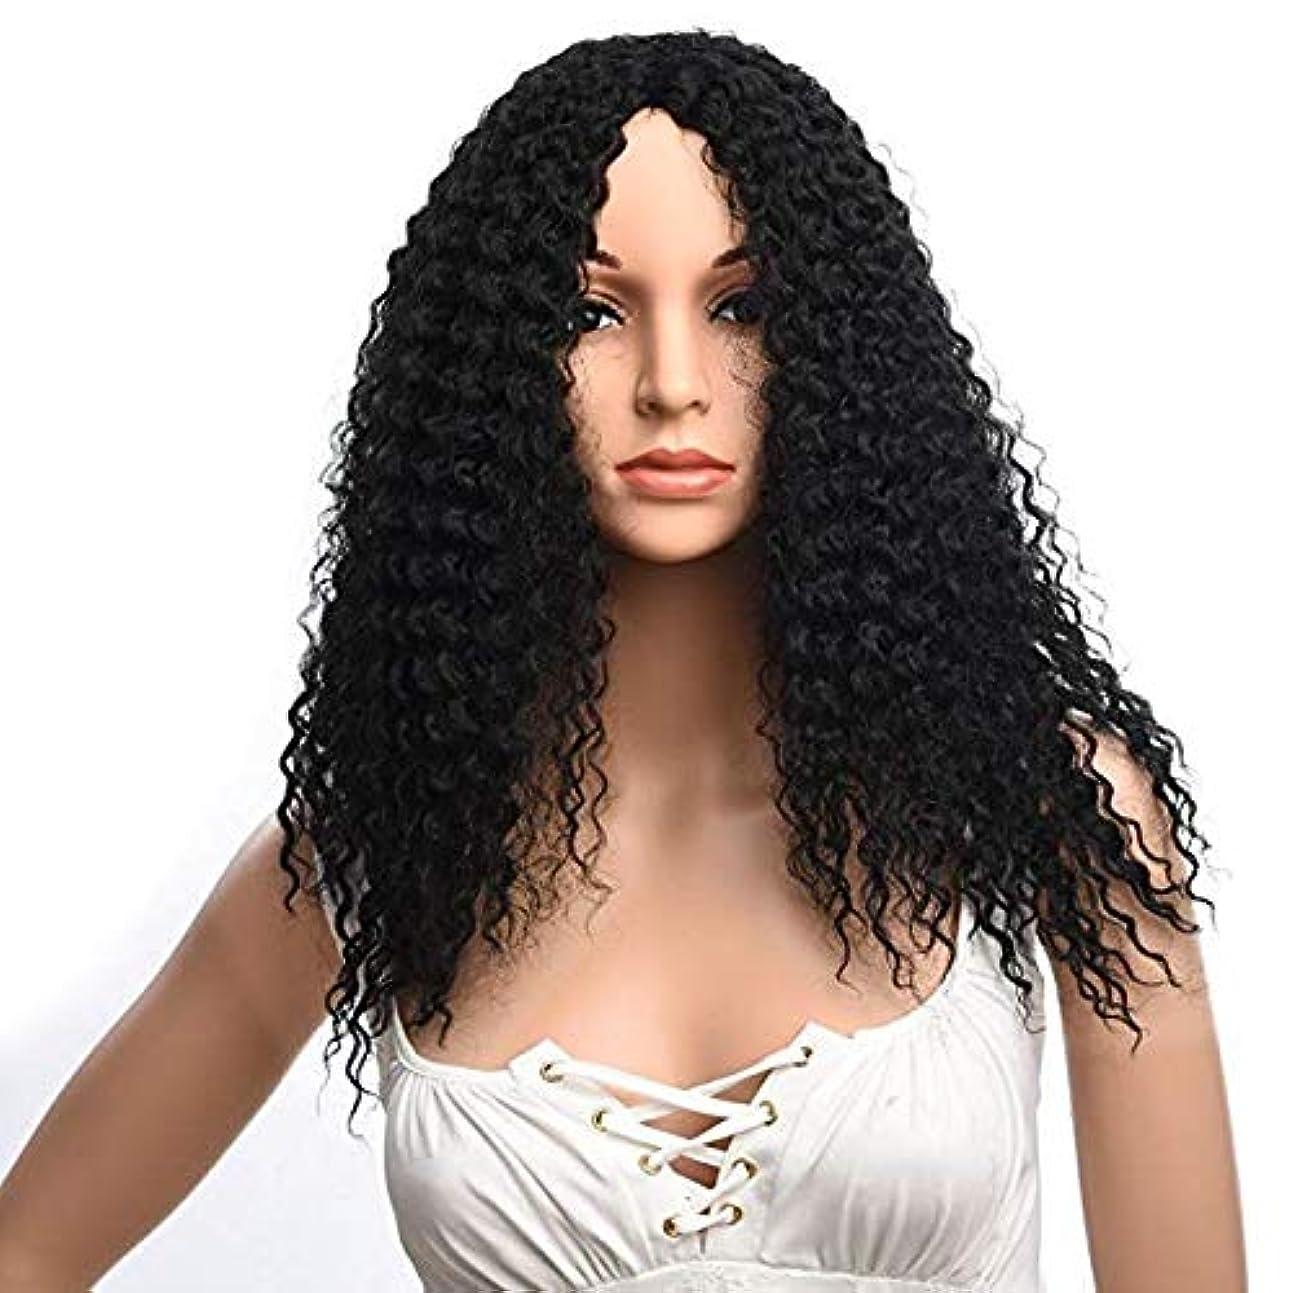 政治家ハントキャメル女性の肩短い髪ふわふわ高温シルクファッションかつら